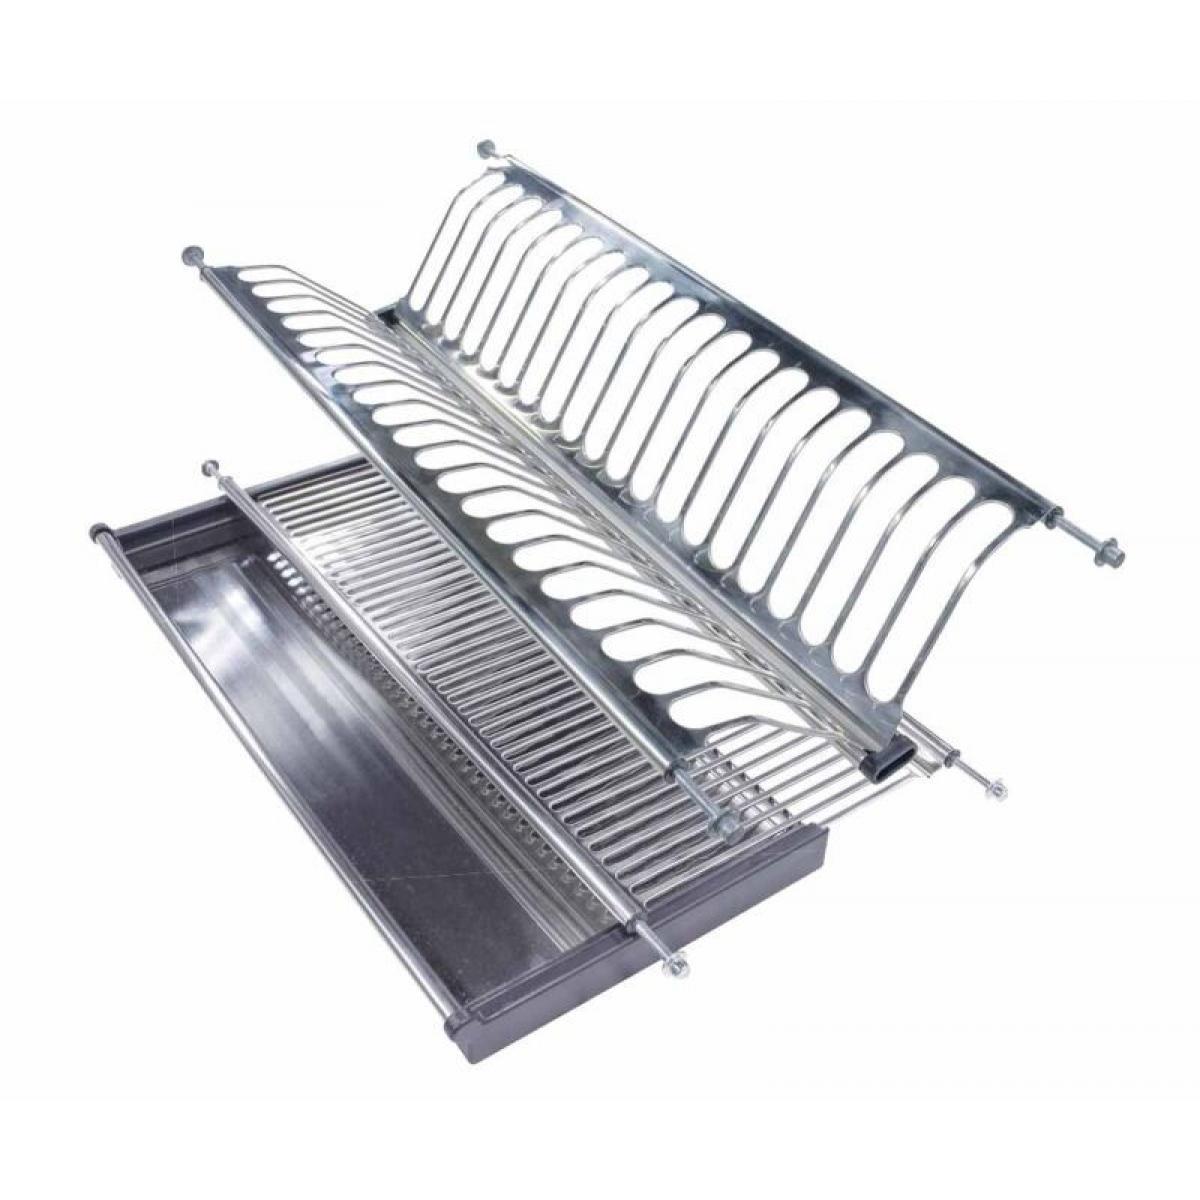 Сушка для посуды 501 для модуля 500мм сталь нерж.